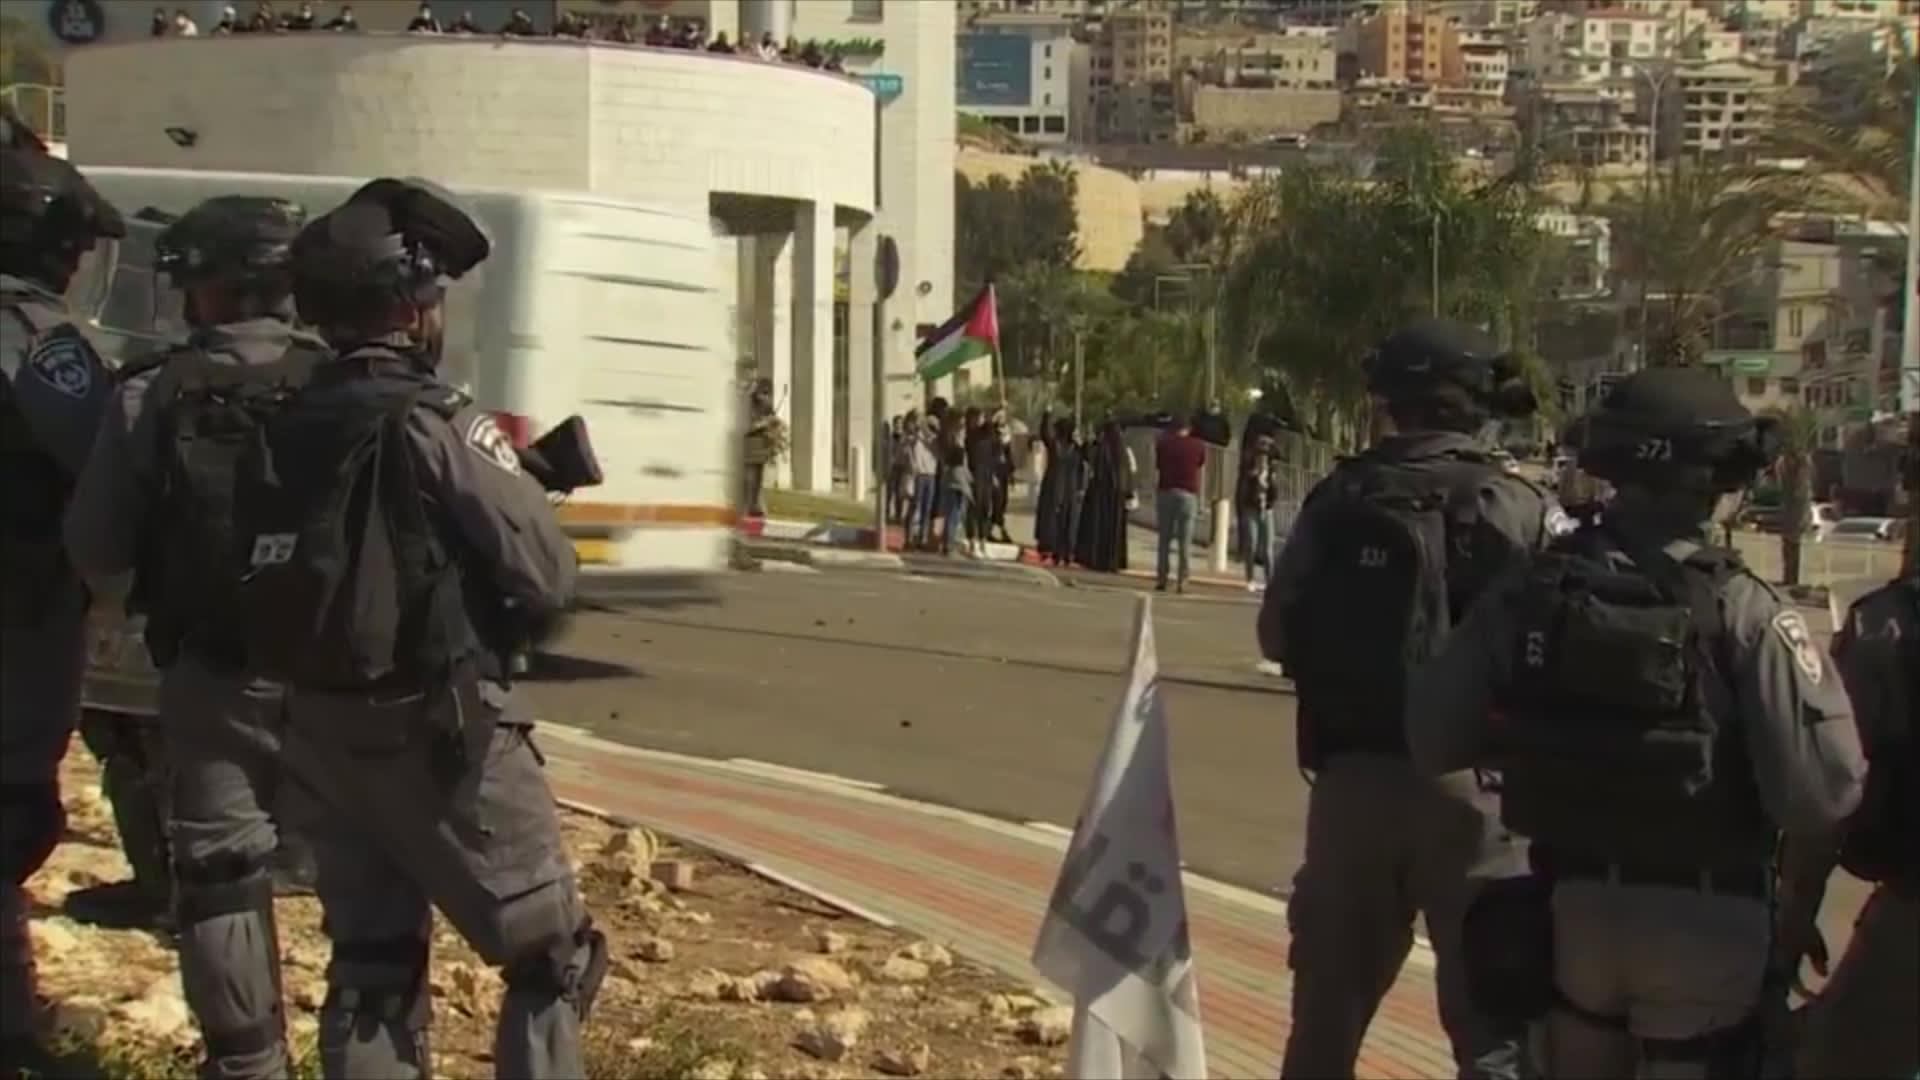 ارتفاع العنف بالمدن العربية الإسرائيلية.. والقتلى 25% أكثر عن العام الماضي